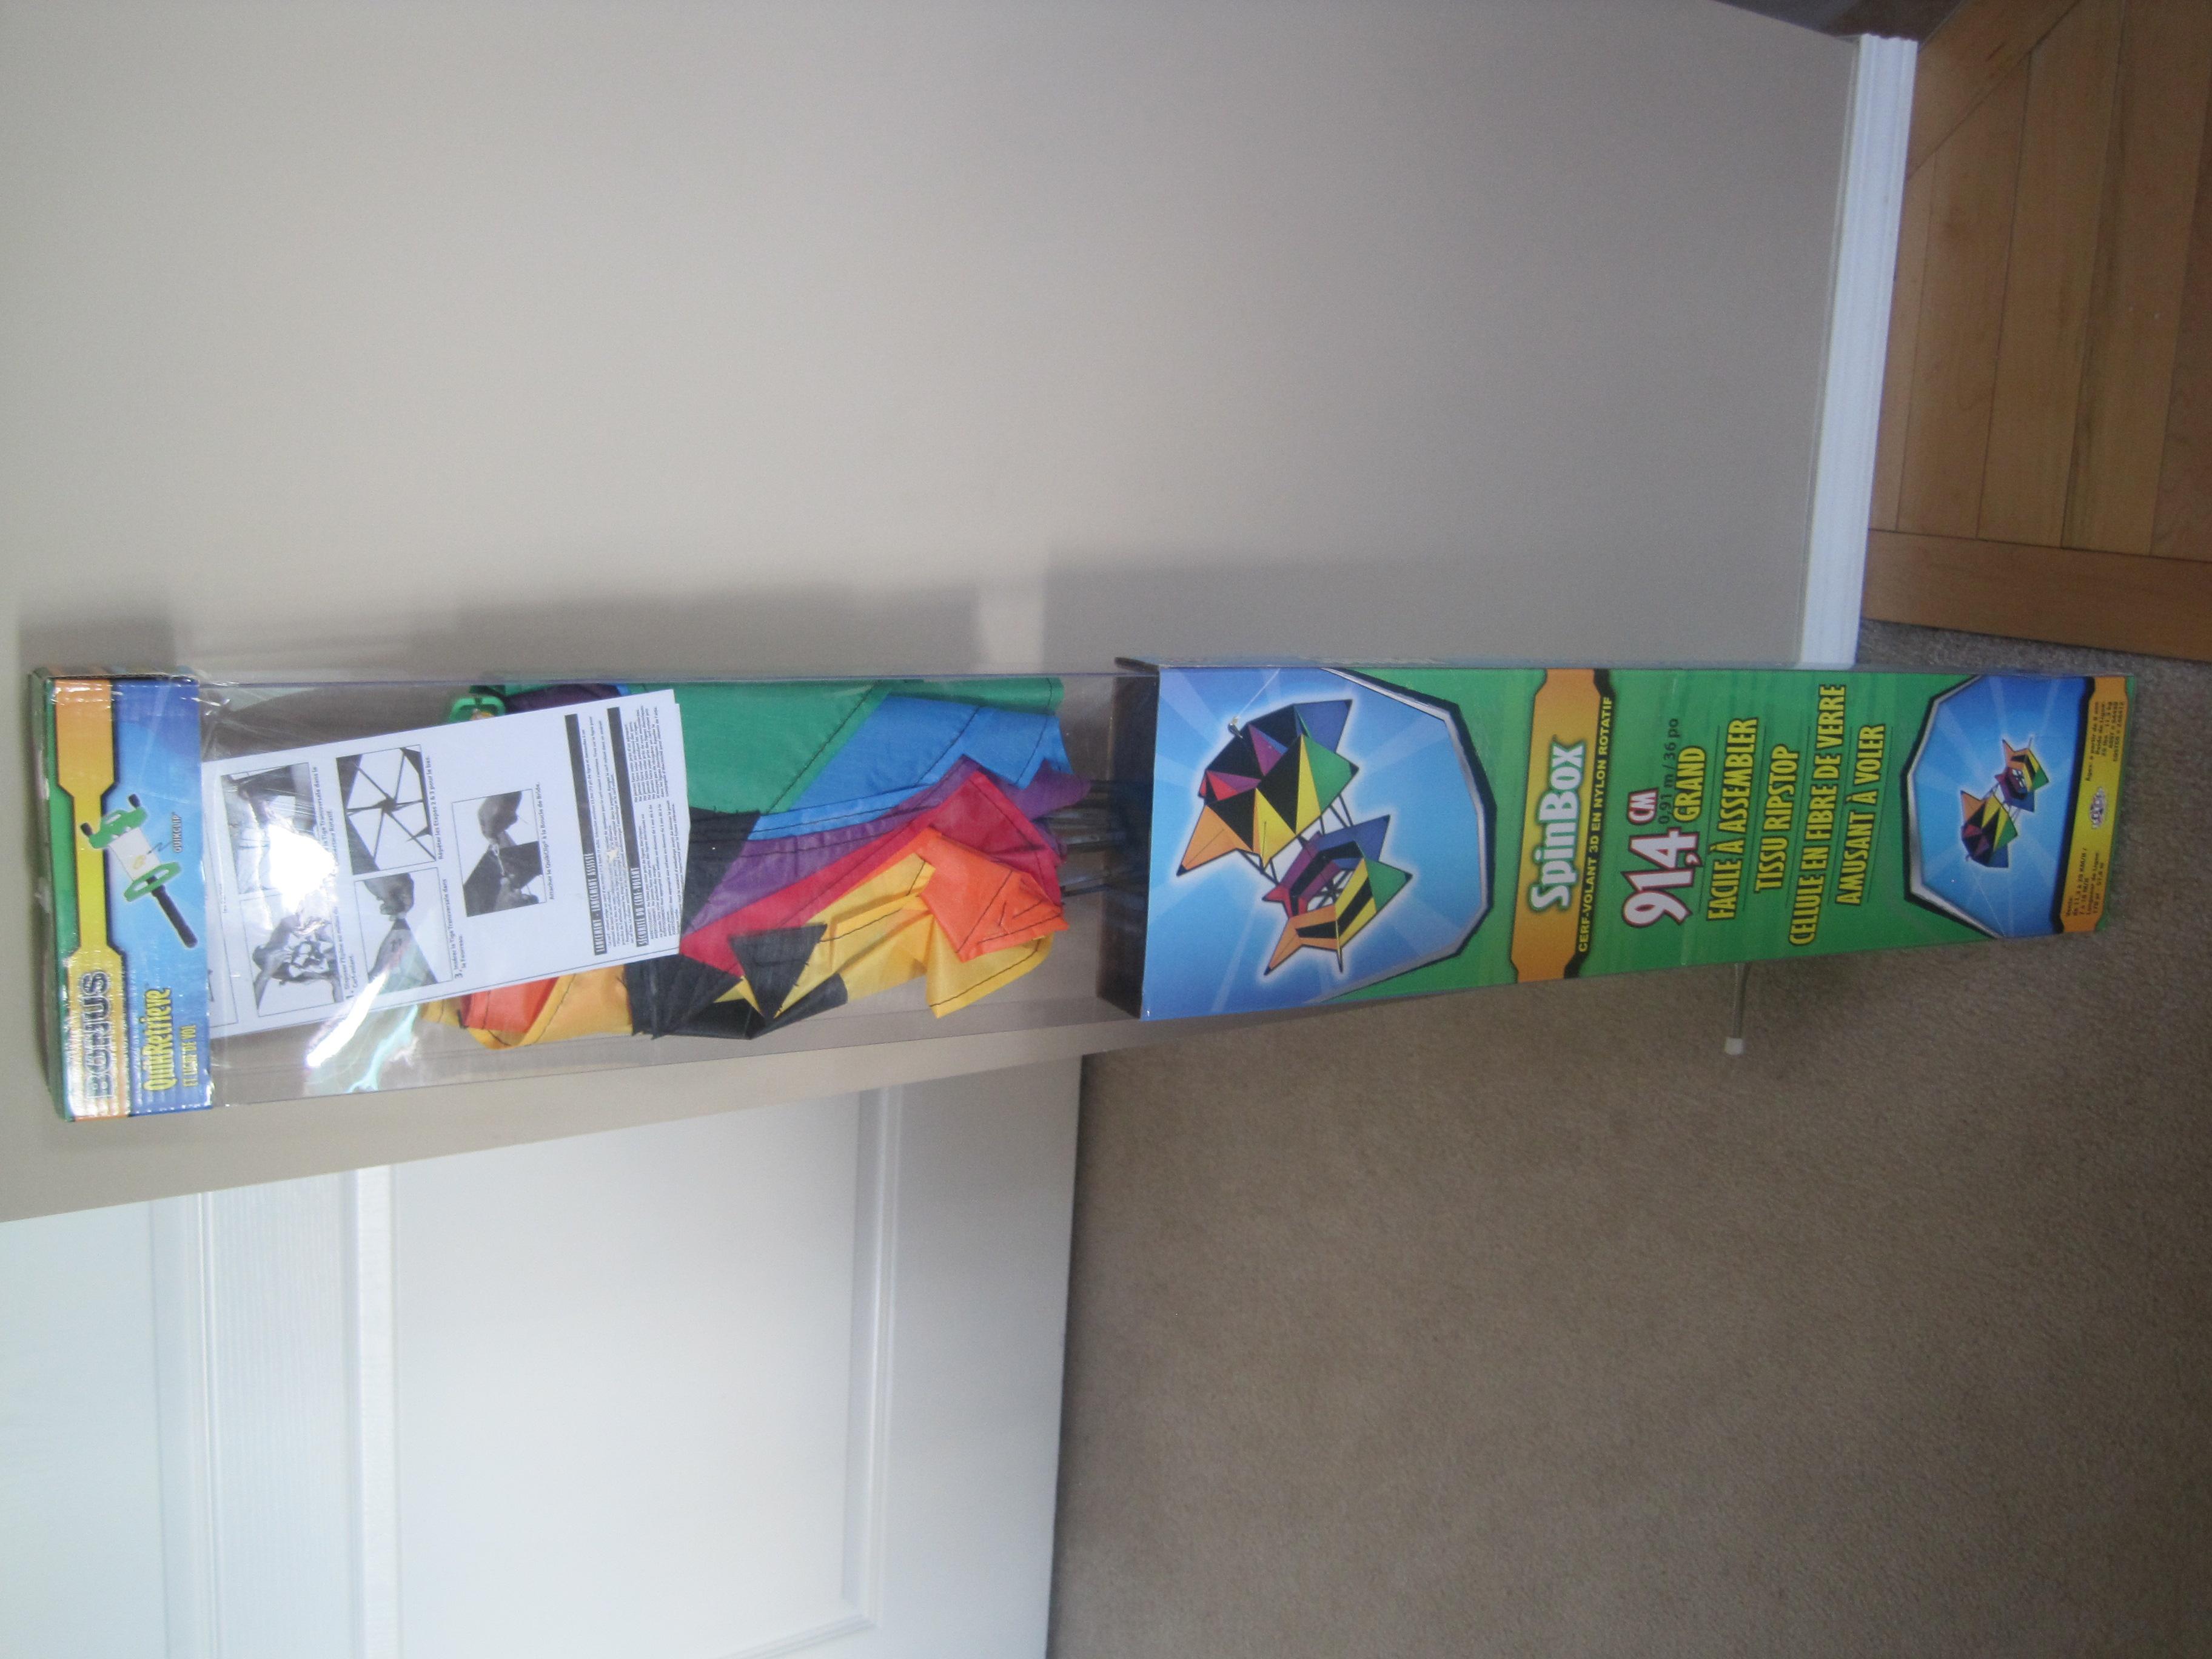 3-D Kites